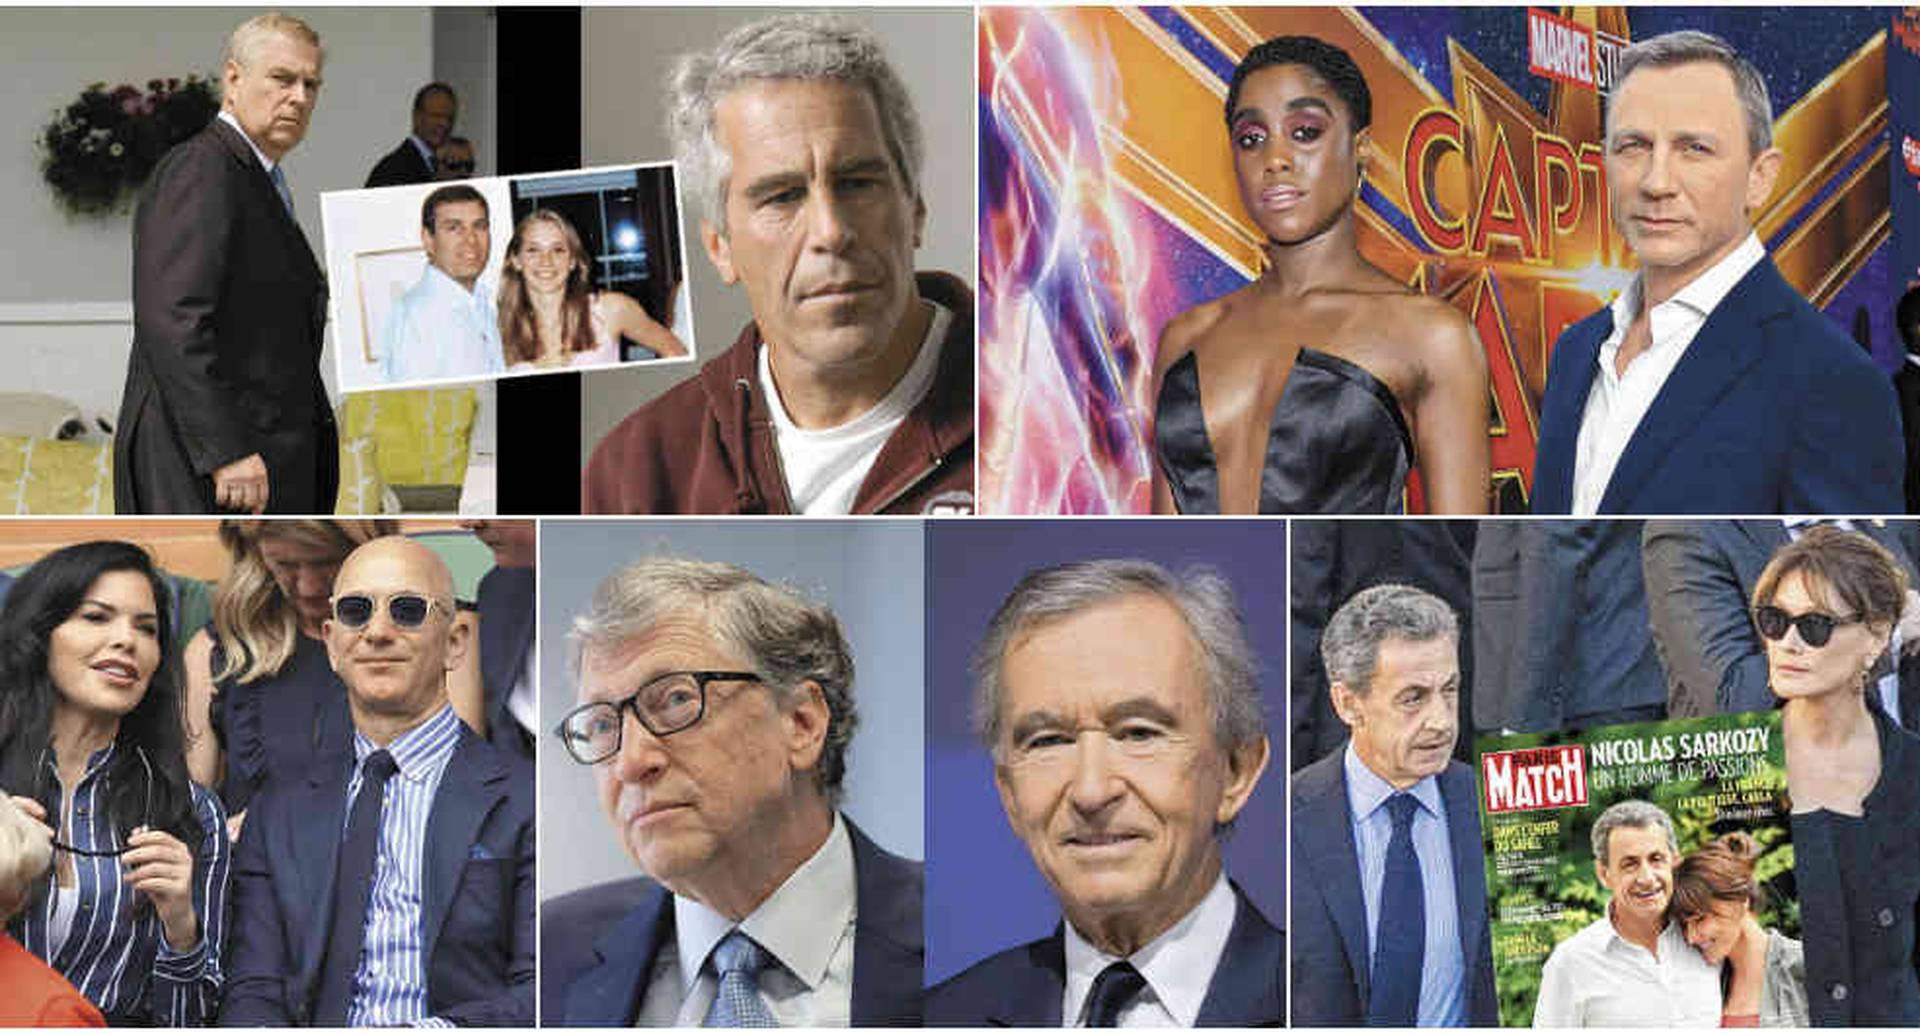 El príncipe Andrés, Lysana Lynch,, Bernard Arnault, Nicolás Sarkozy, Jeff Bezos.